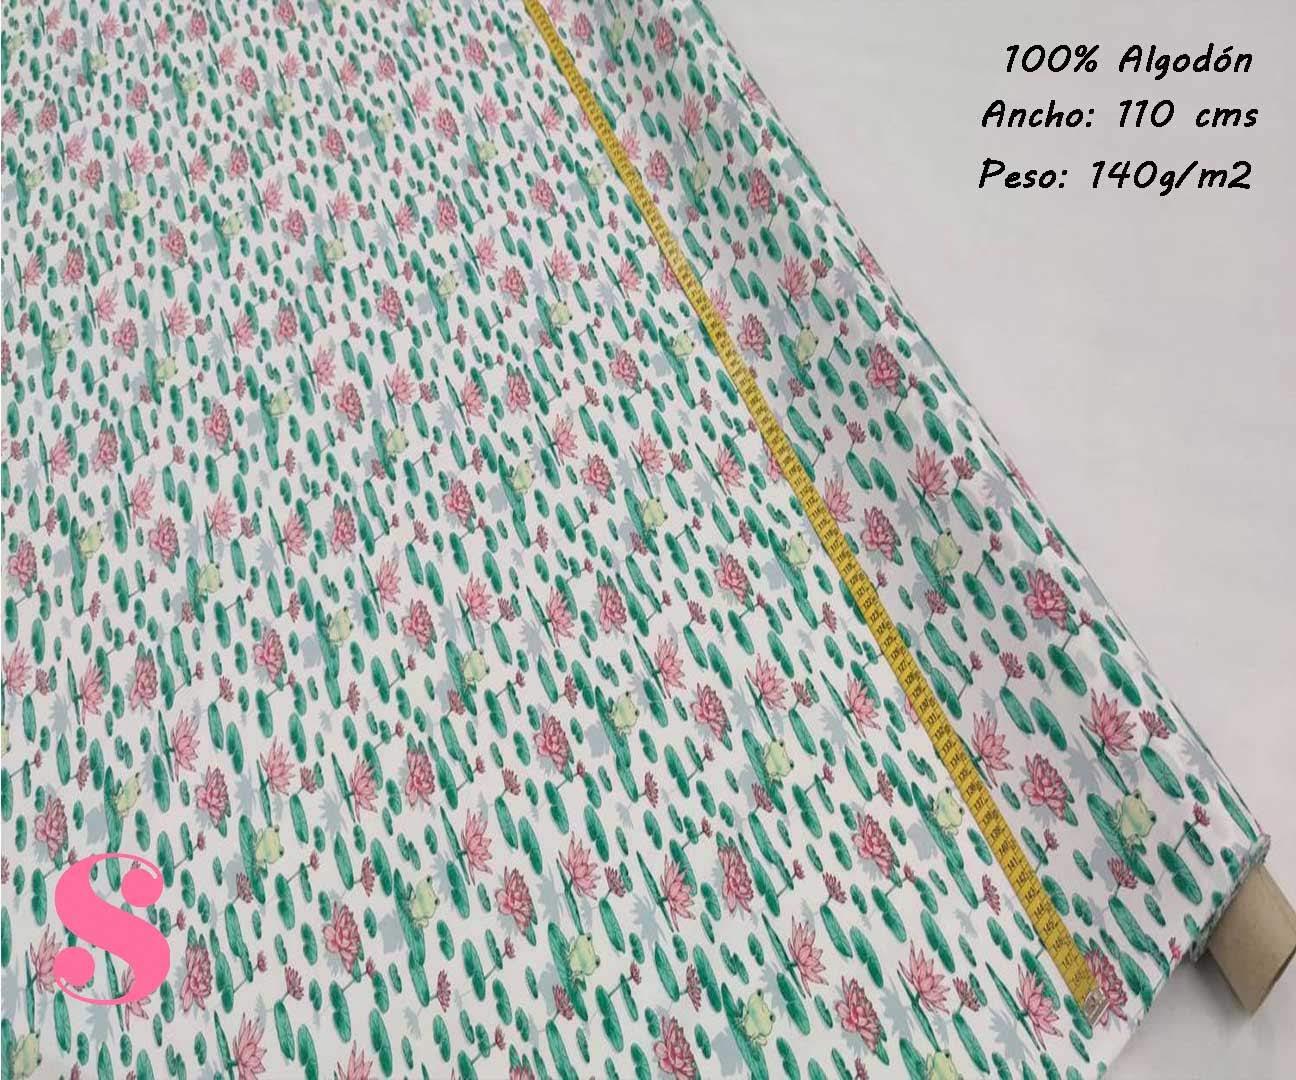 162-flor-rana-disney-tejidos-estampado-popelin,Tejido Estampado Flor de Loto